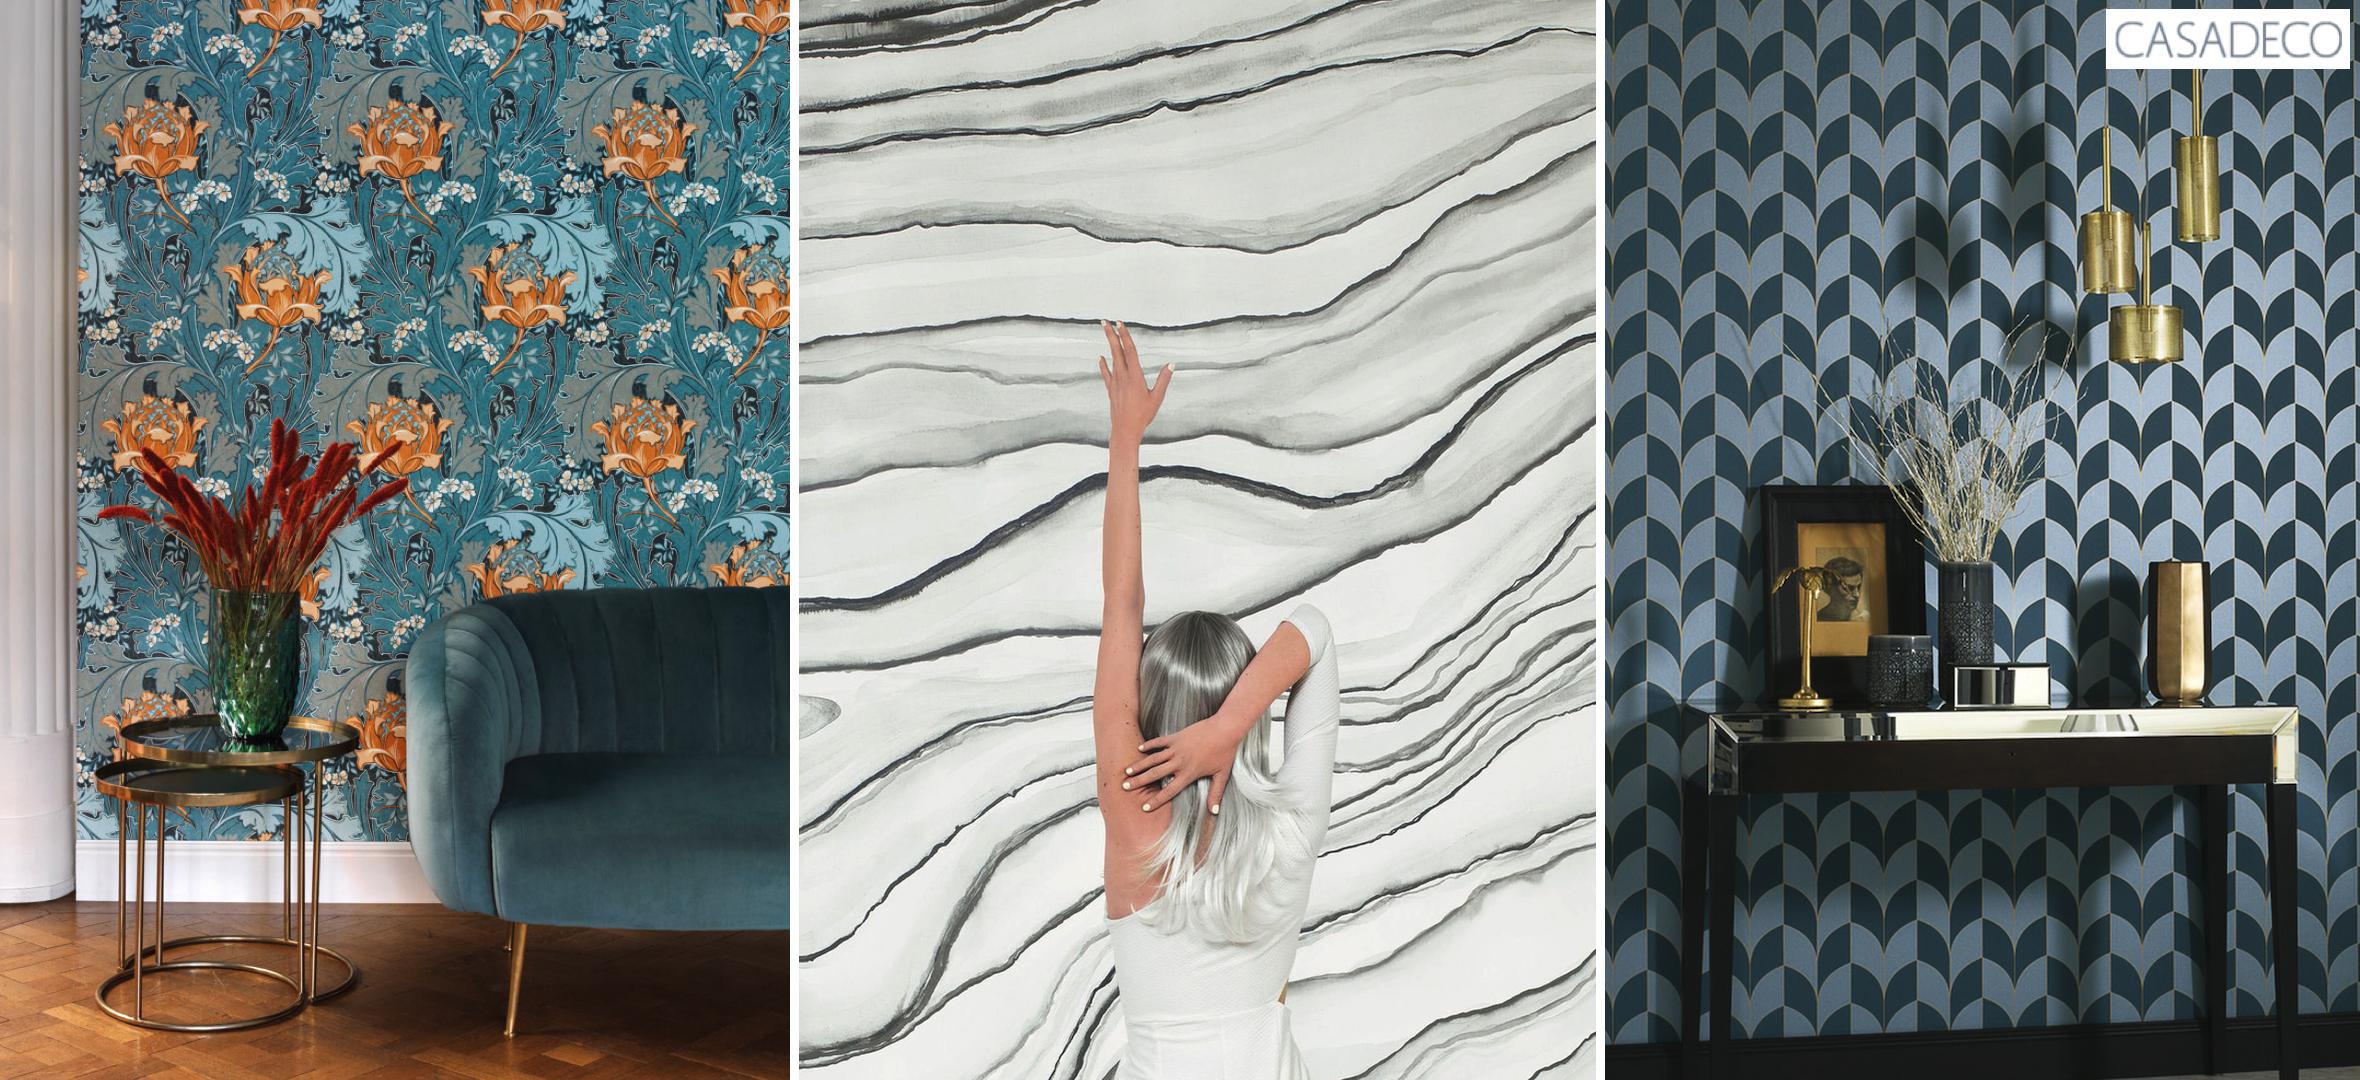 casadeco-wallpaper-australia-2.png